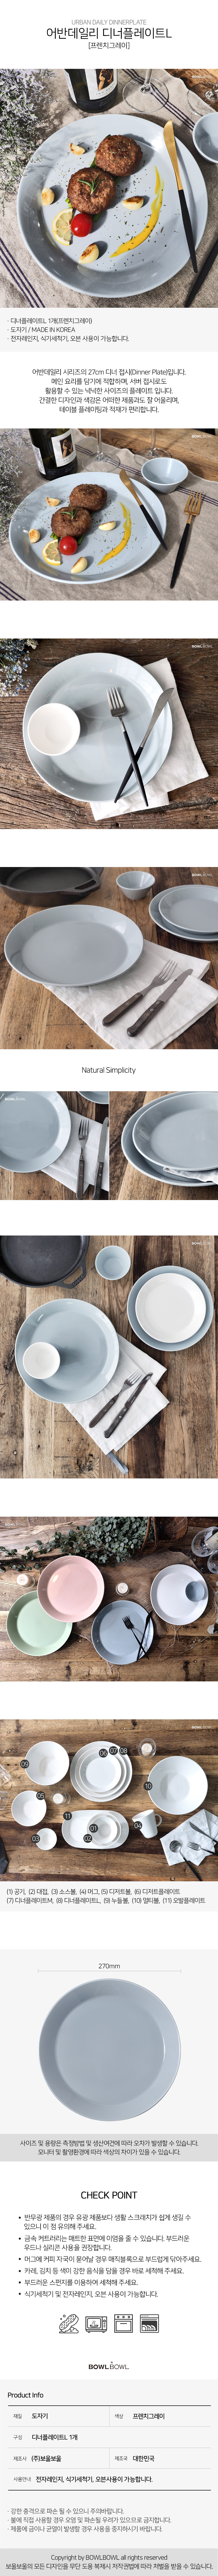 어반데일리 디너플레이트-L(프렌치그레이) - 보울보울, 17,900원, 접시/찬기, 접시